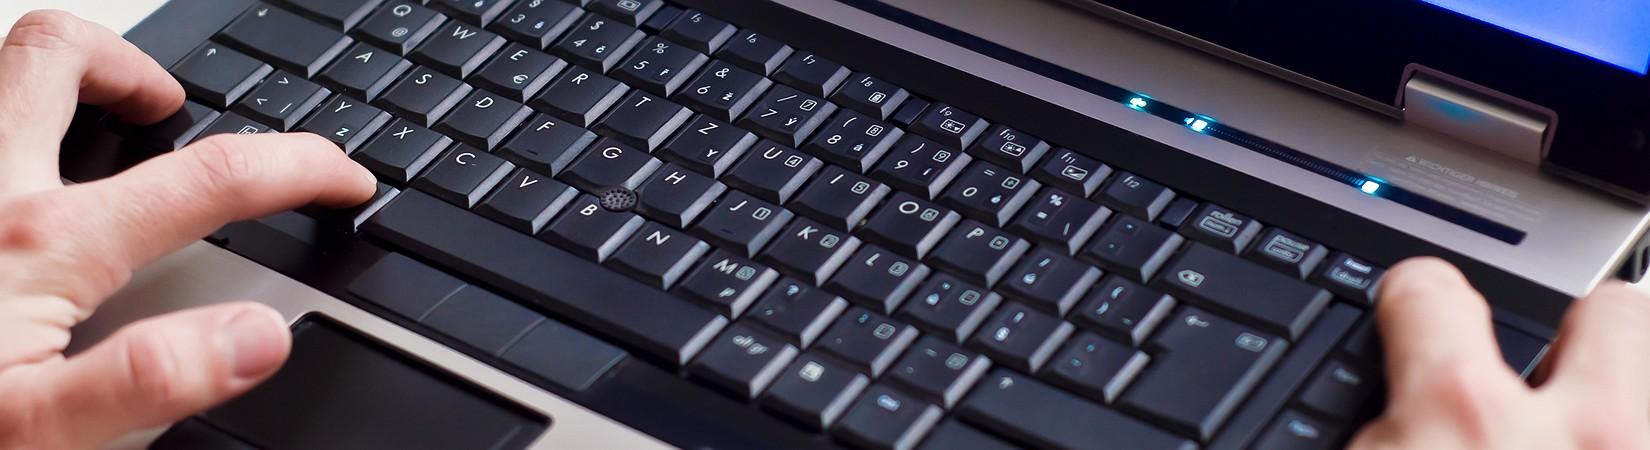 Нападение Petya: Что нужно знать о масштабной кибератаке